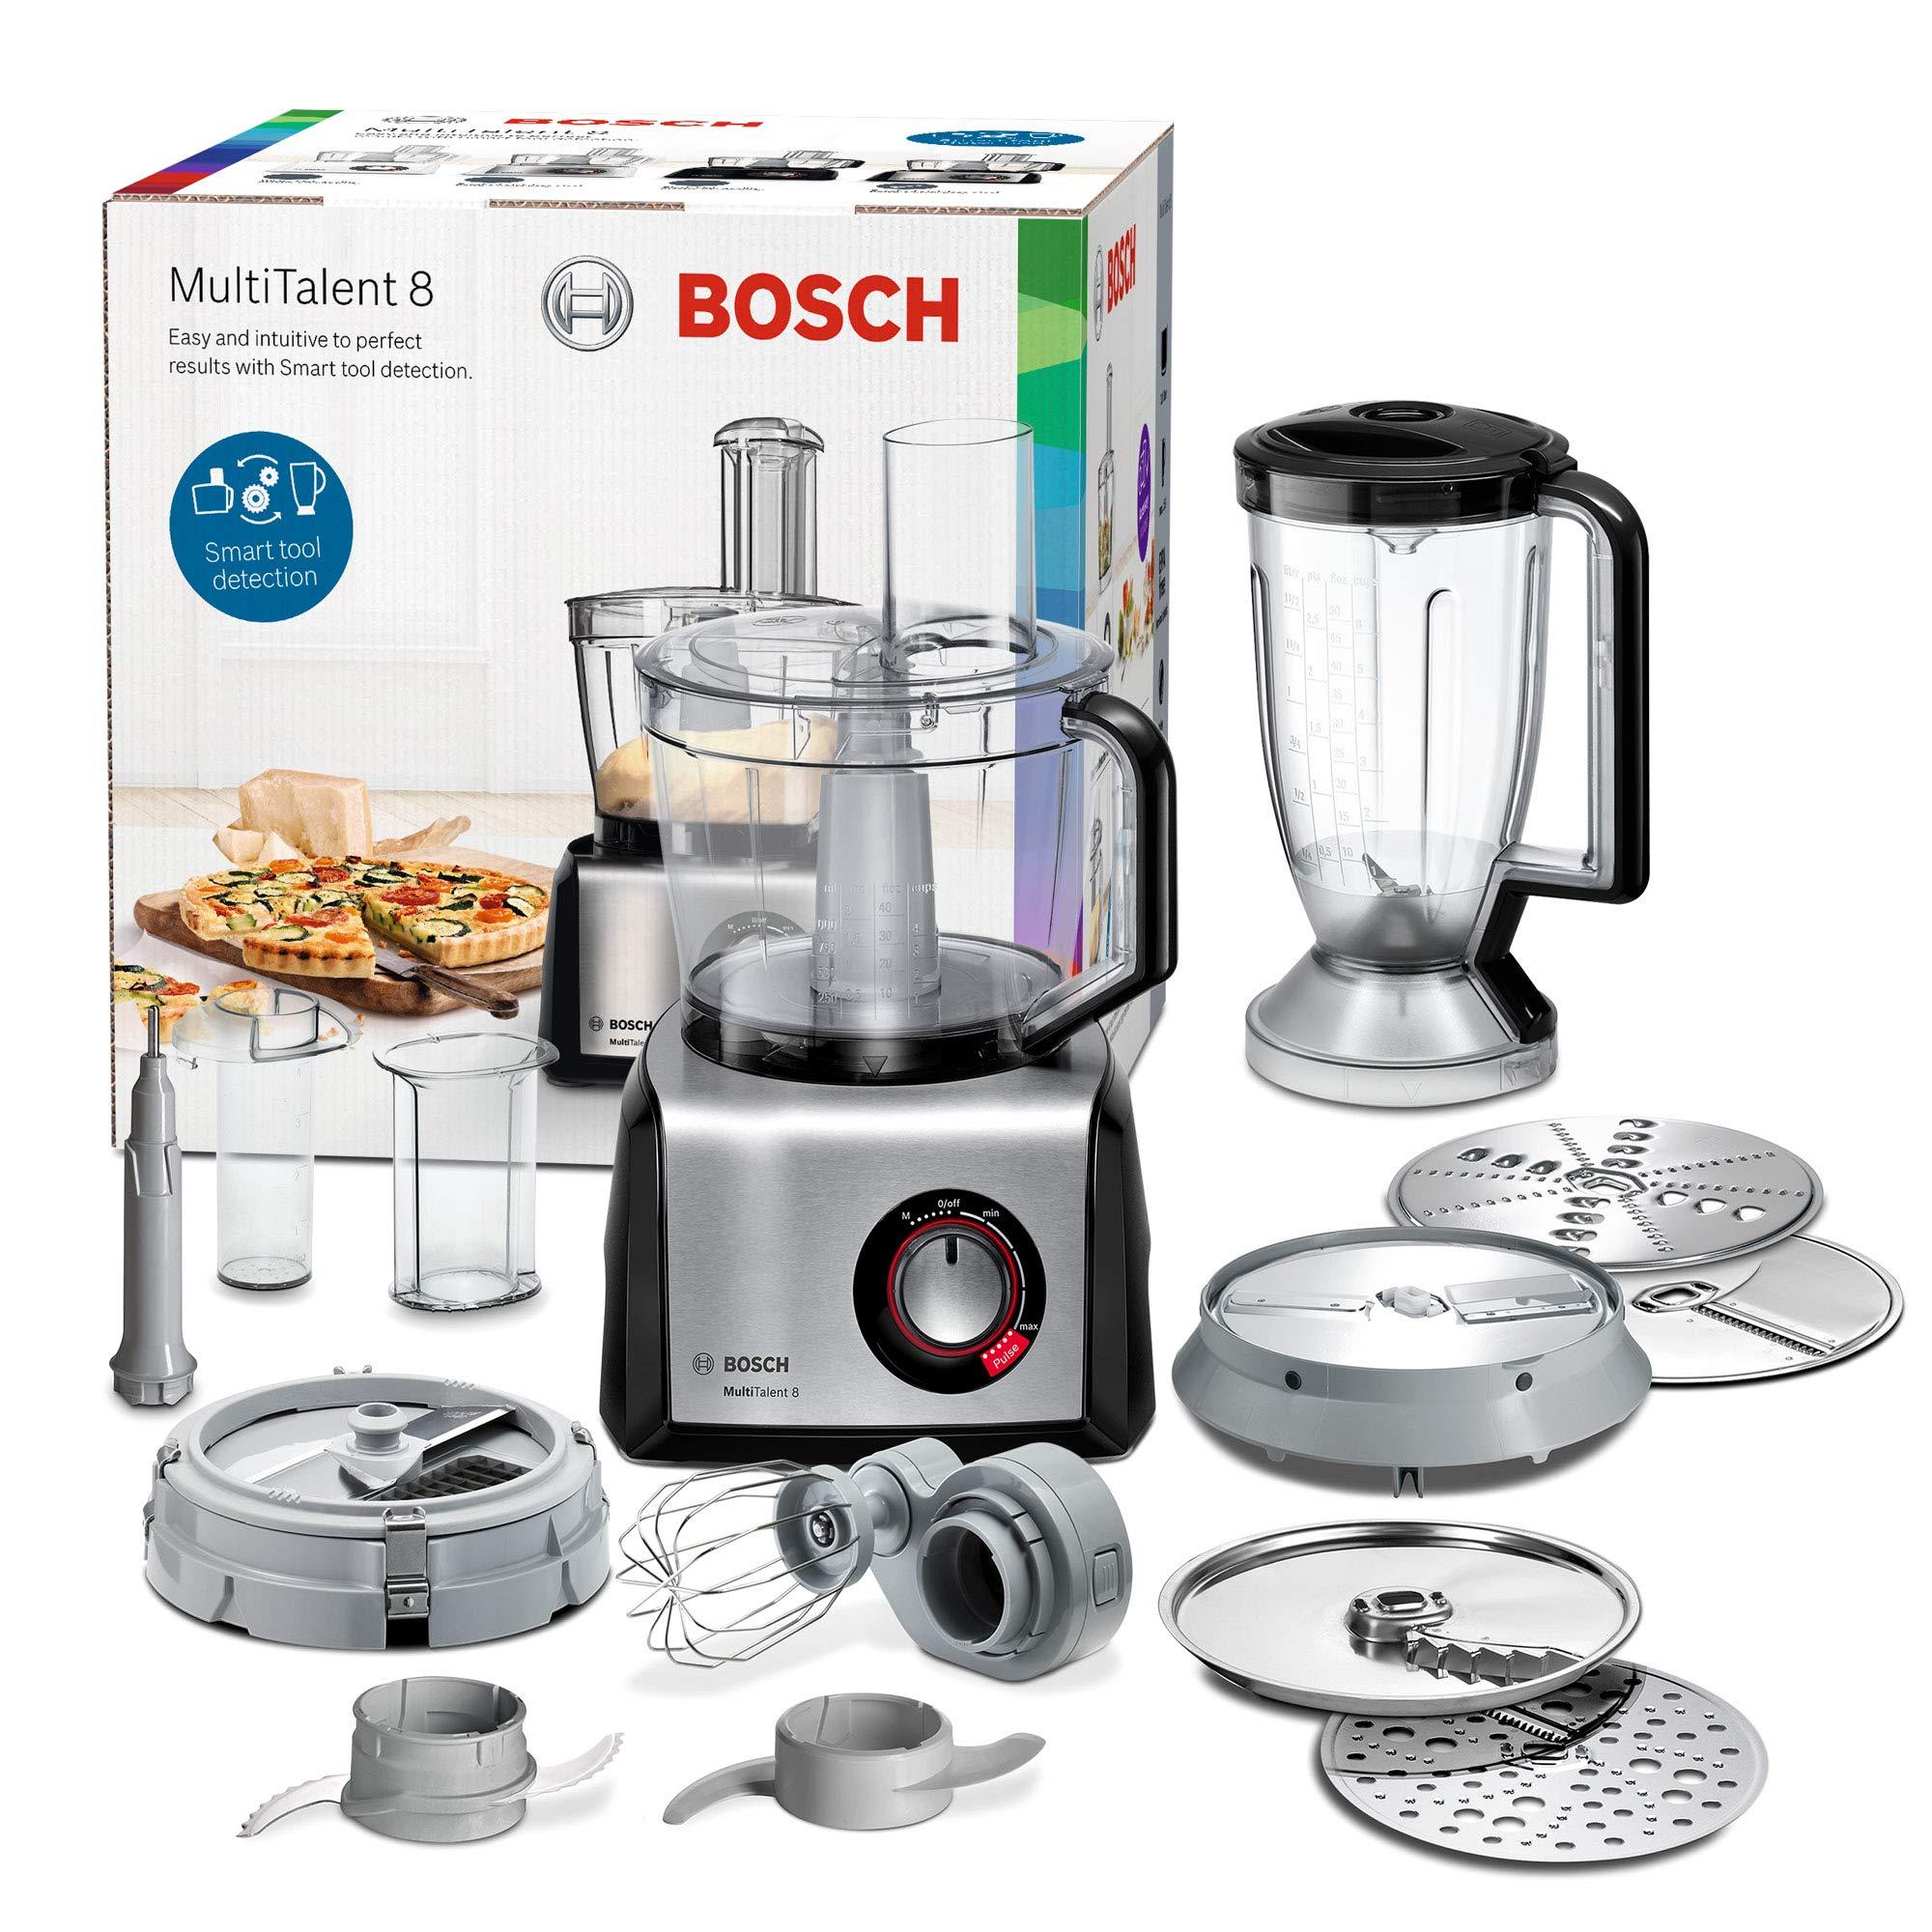 Bosch MC812M865 MultiTalent - Robot de cocina compacto (1250 W, bol XXL de 3,9 l, cortador de cubos, negro/acero inoxidable cepillado): Amazon.es: Hogar